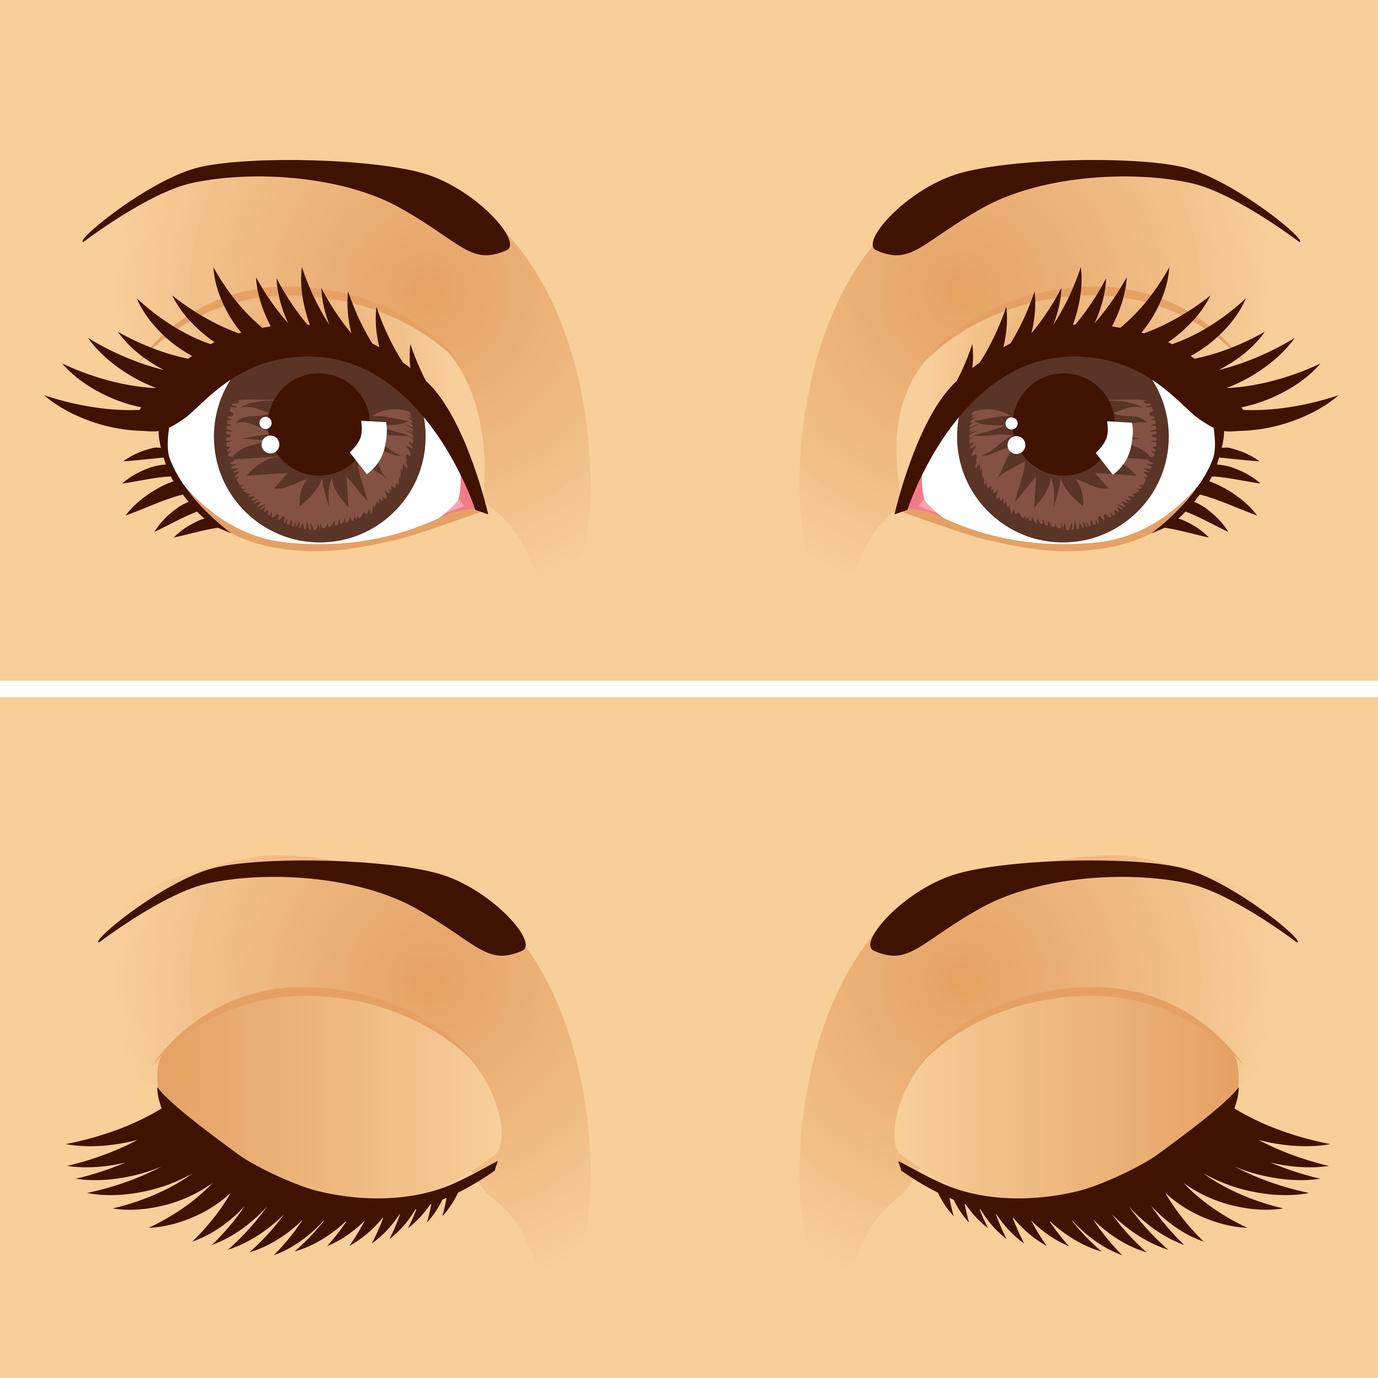 Séance yeux ouverts ou fermés